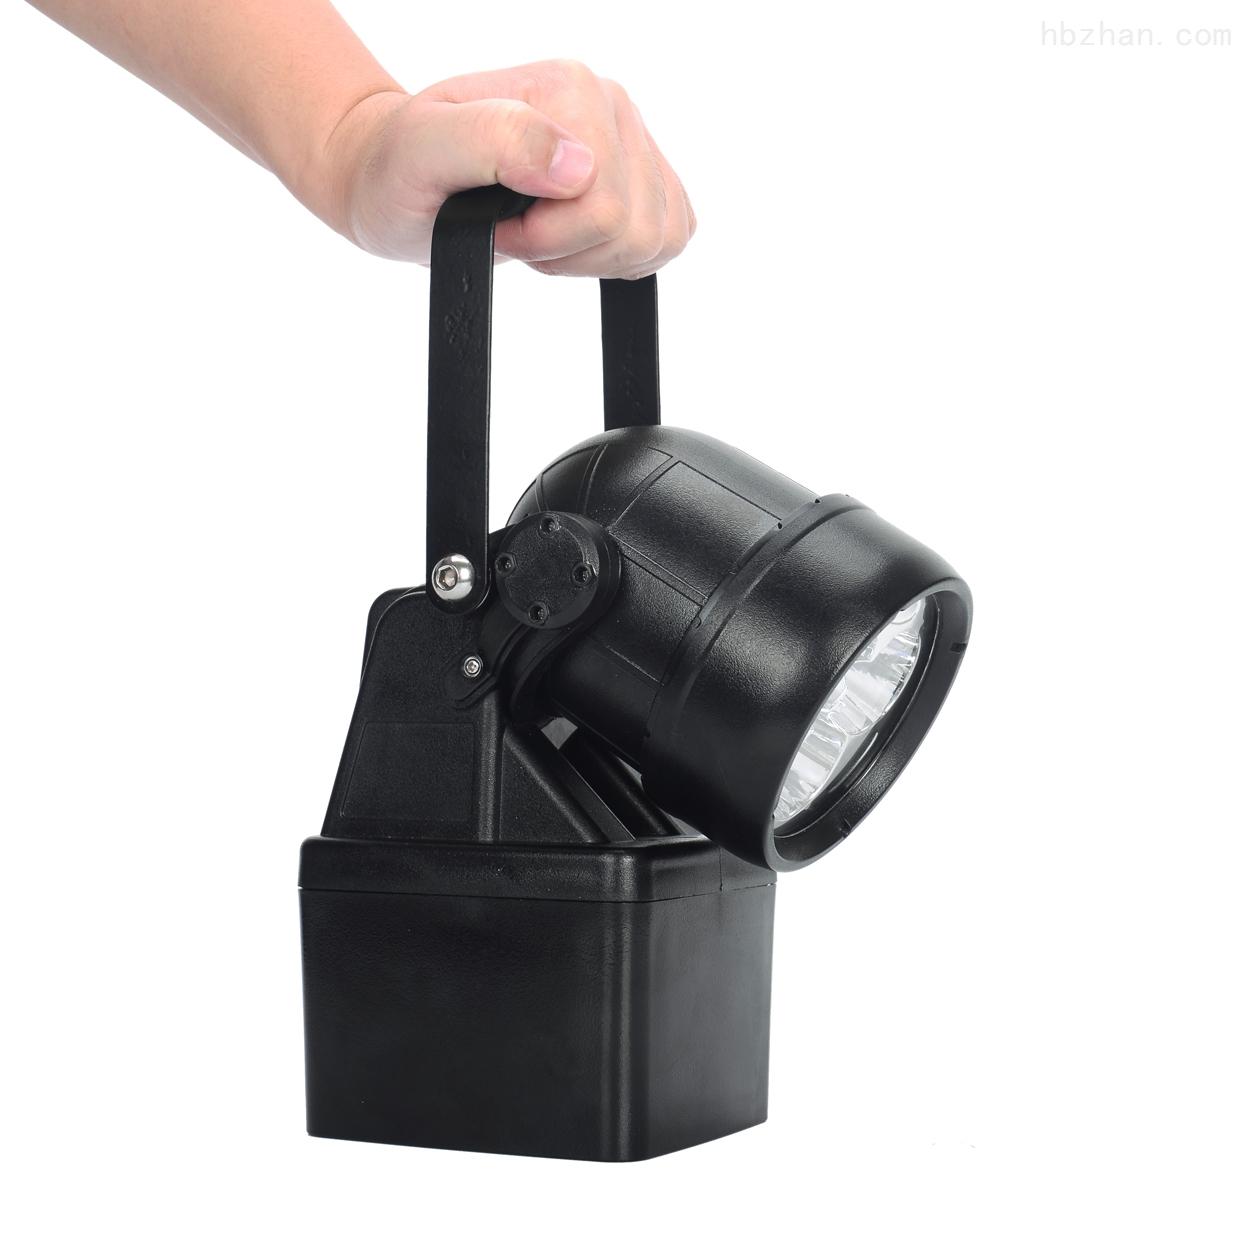 便携式磁力工作灯 JIW5281海洋王LED检修灯